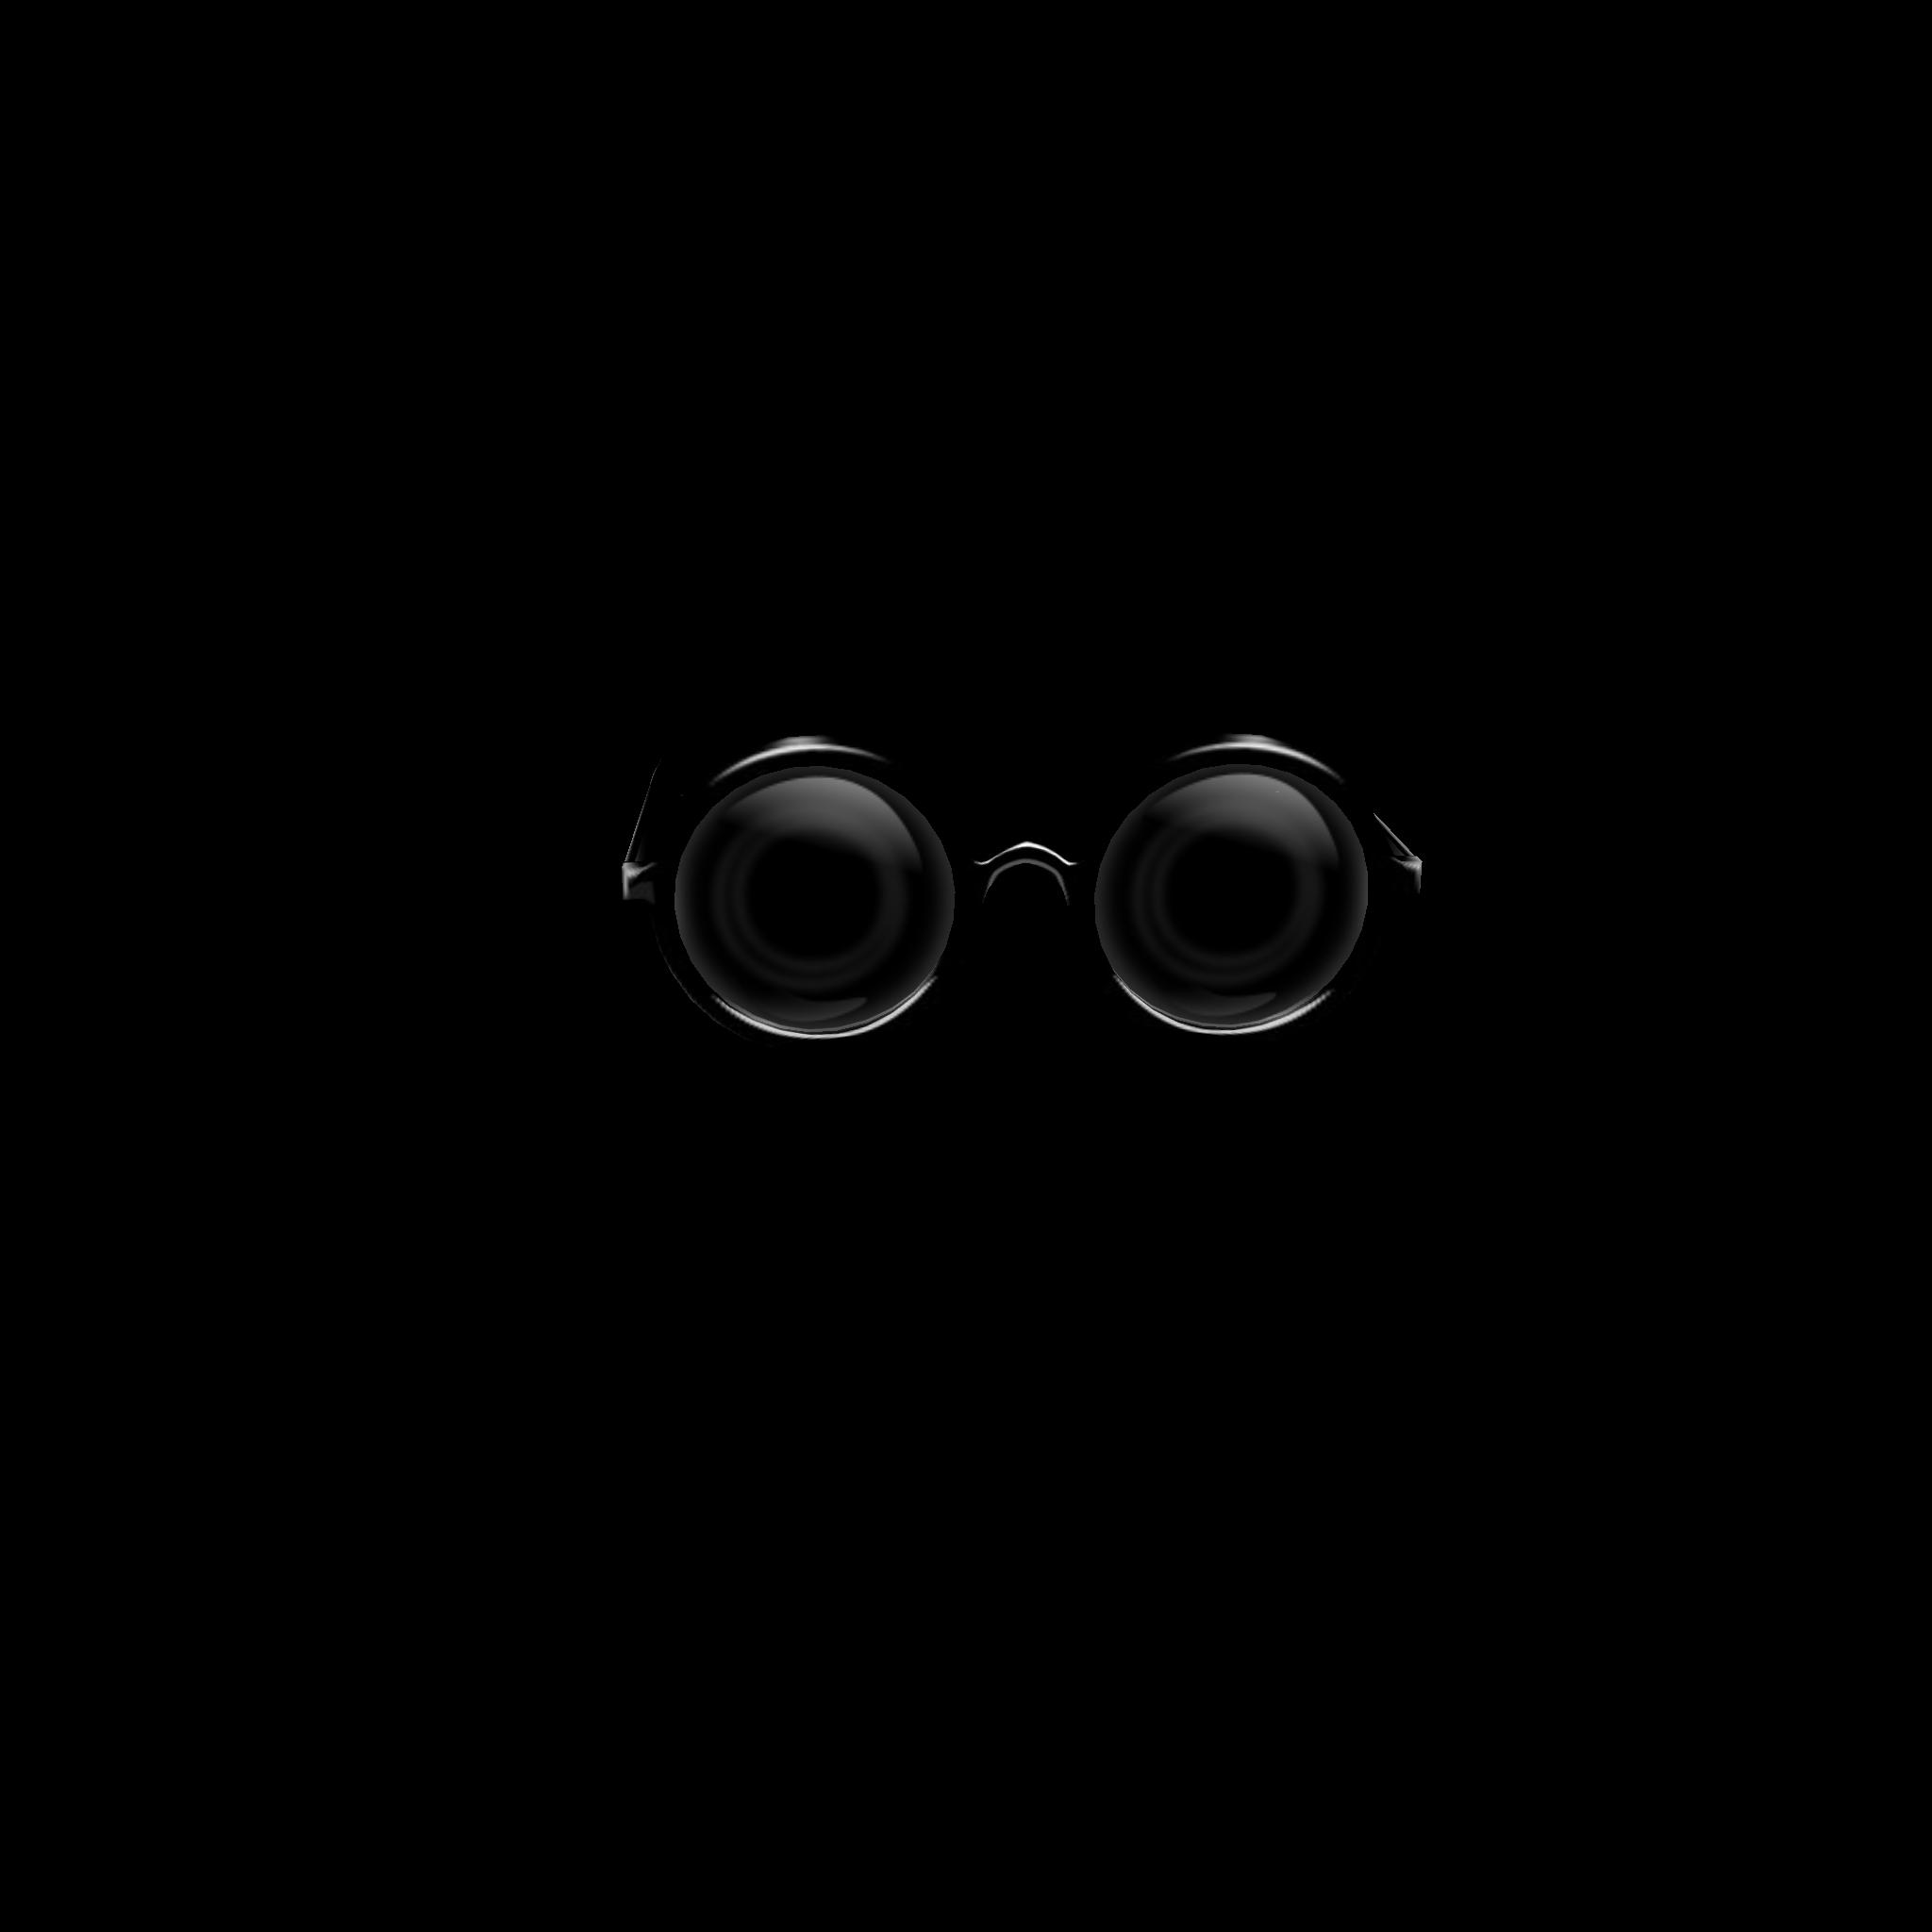 PNG Nerd Glasses - 74982